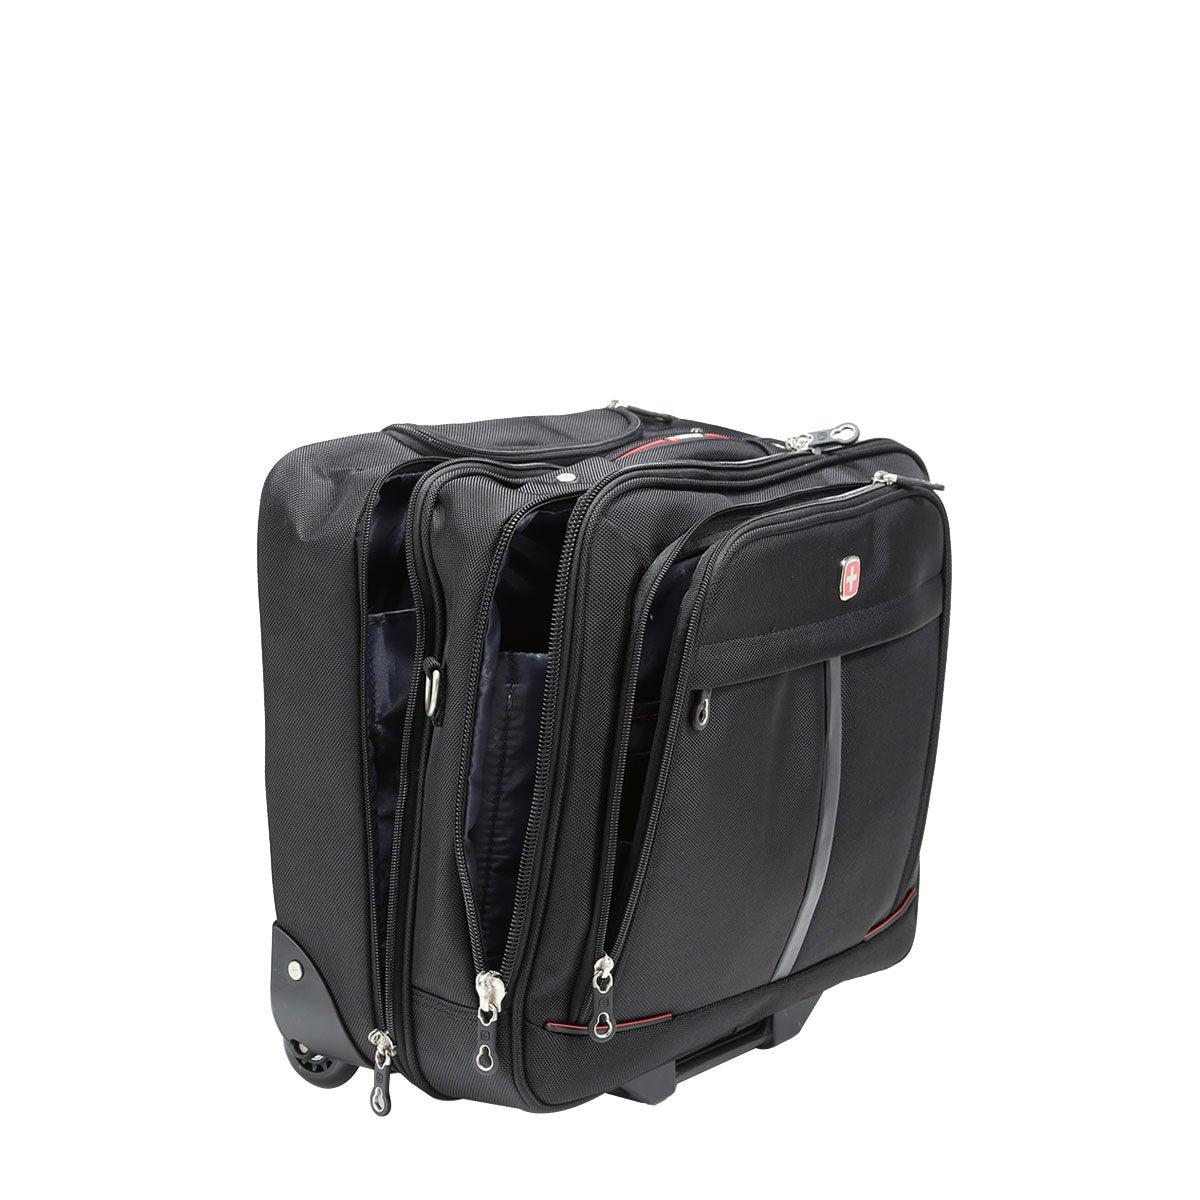 Mns Swiss Gear Wenger Business Traveler